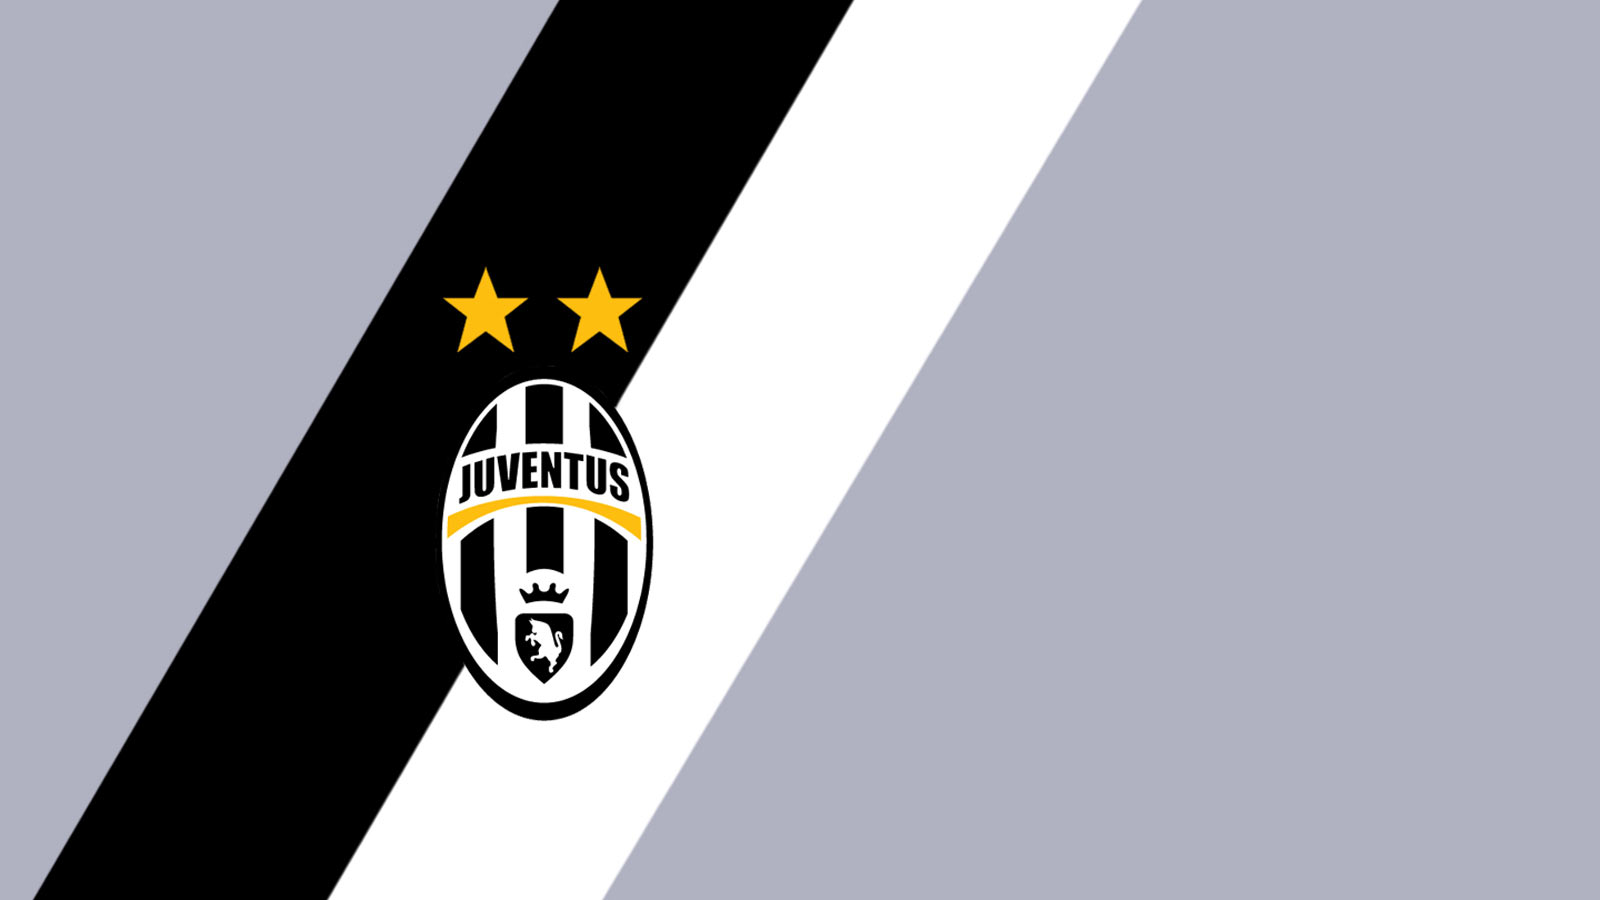 Top Wallpaper Logo Juventus - Juventus-Wallpaper-03-1600x900  Pic_15814.jpg